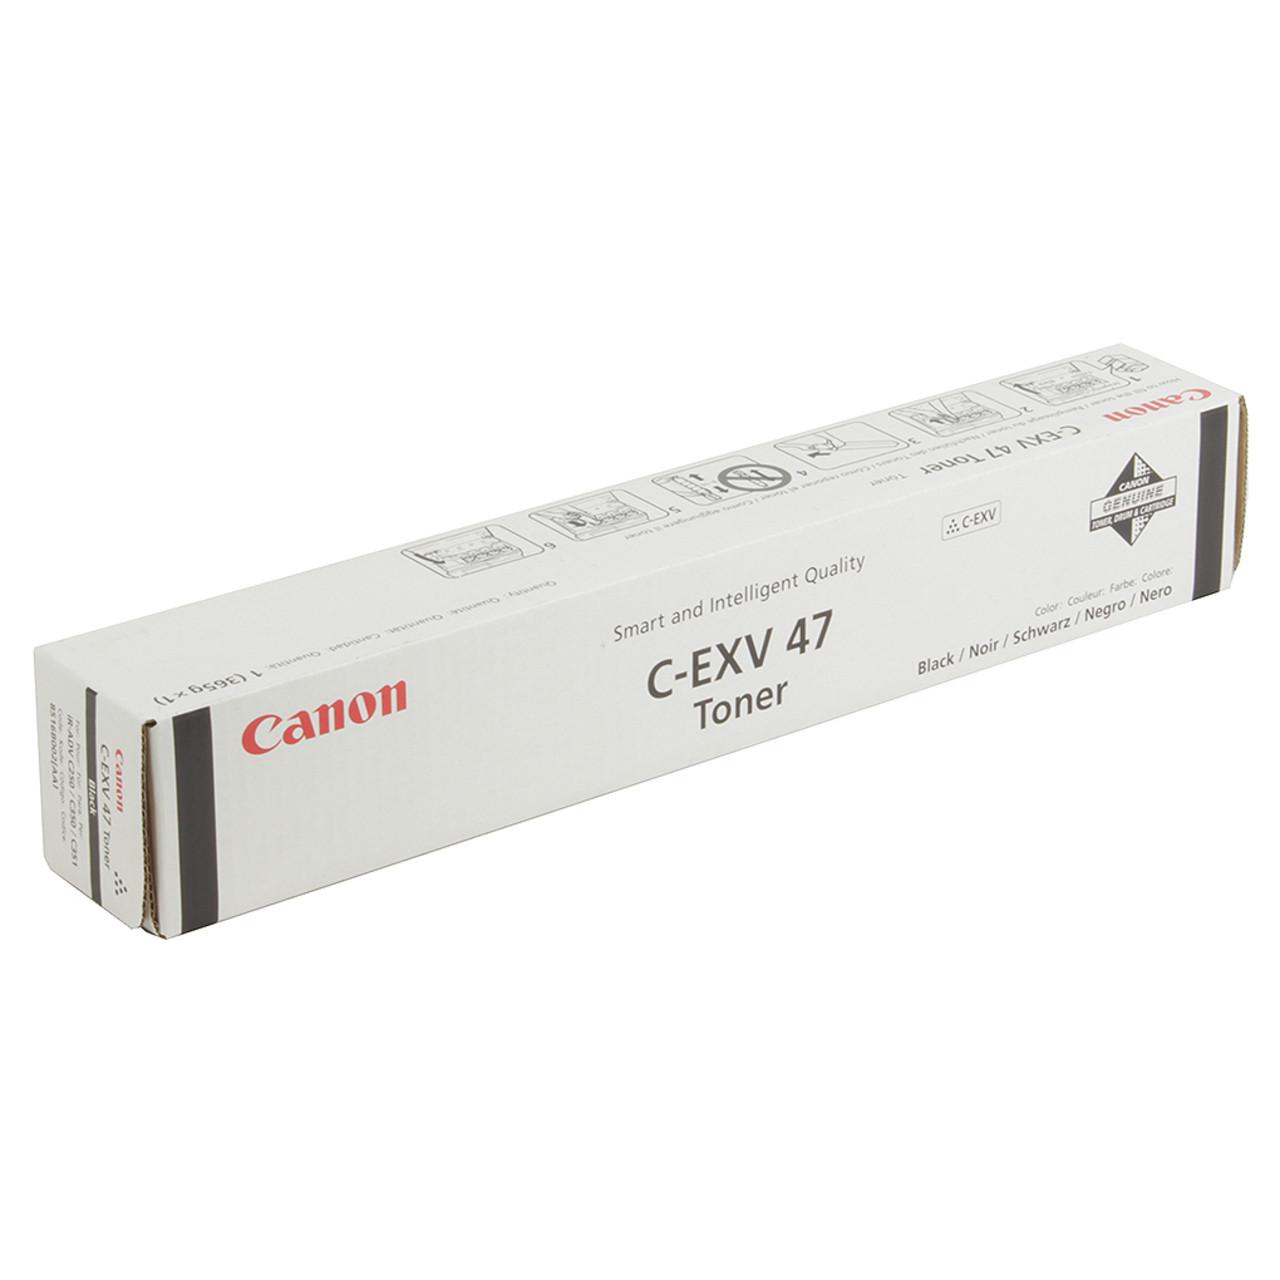 Тонер Canon C-EXV 47 Black